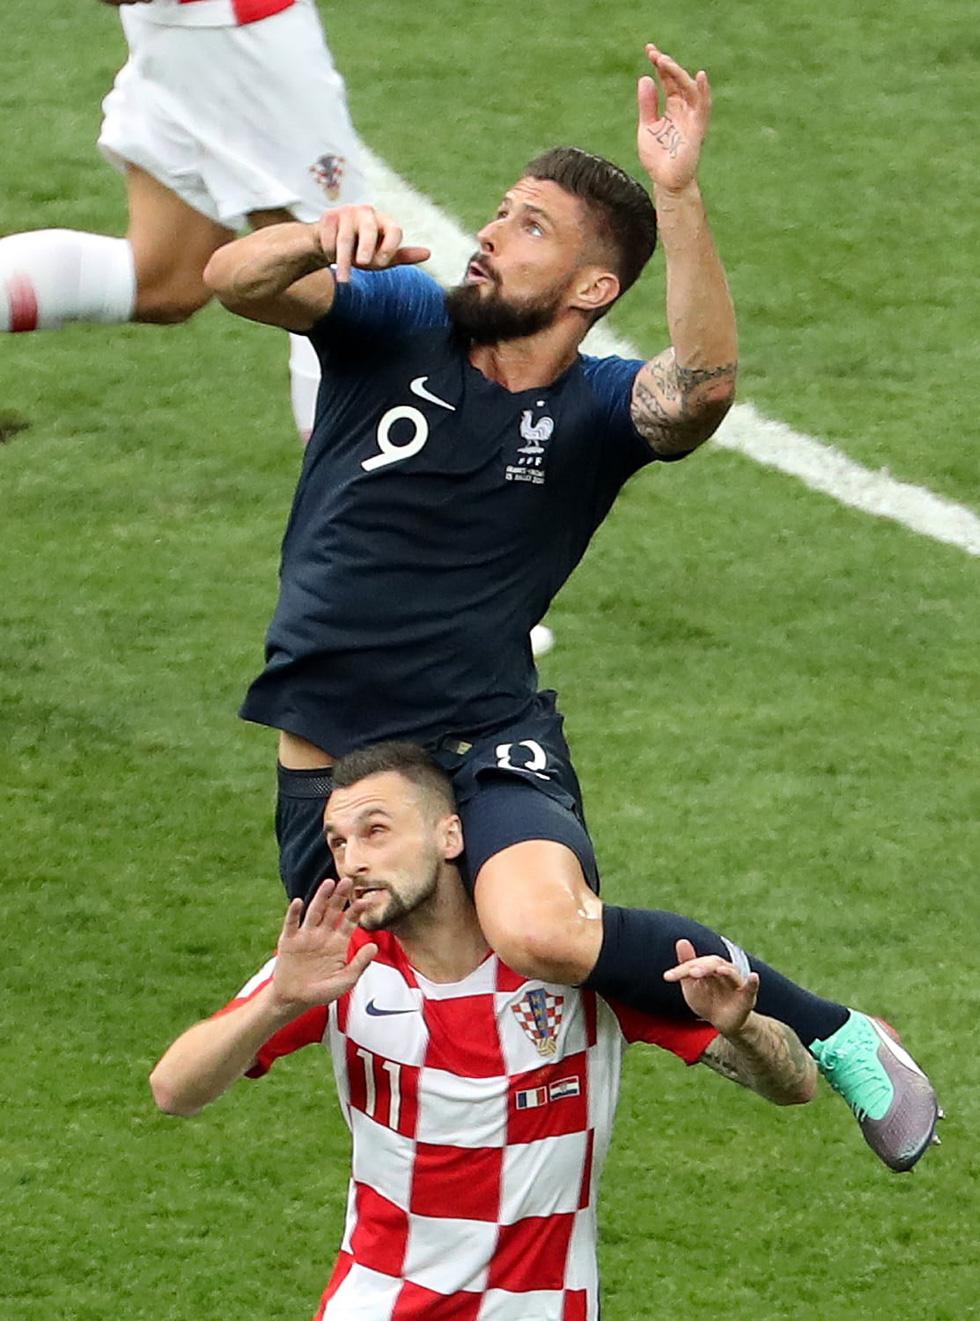 Những hình ảnh ấn tượng nhất đêm chung kết Croatia - Pháp - Ảnh 6.